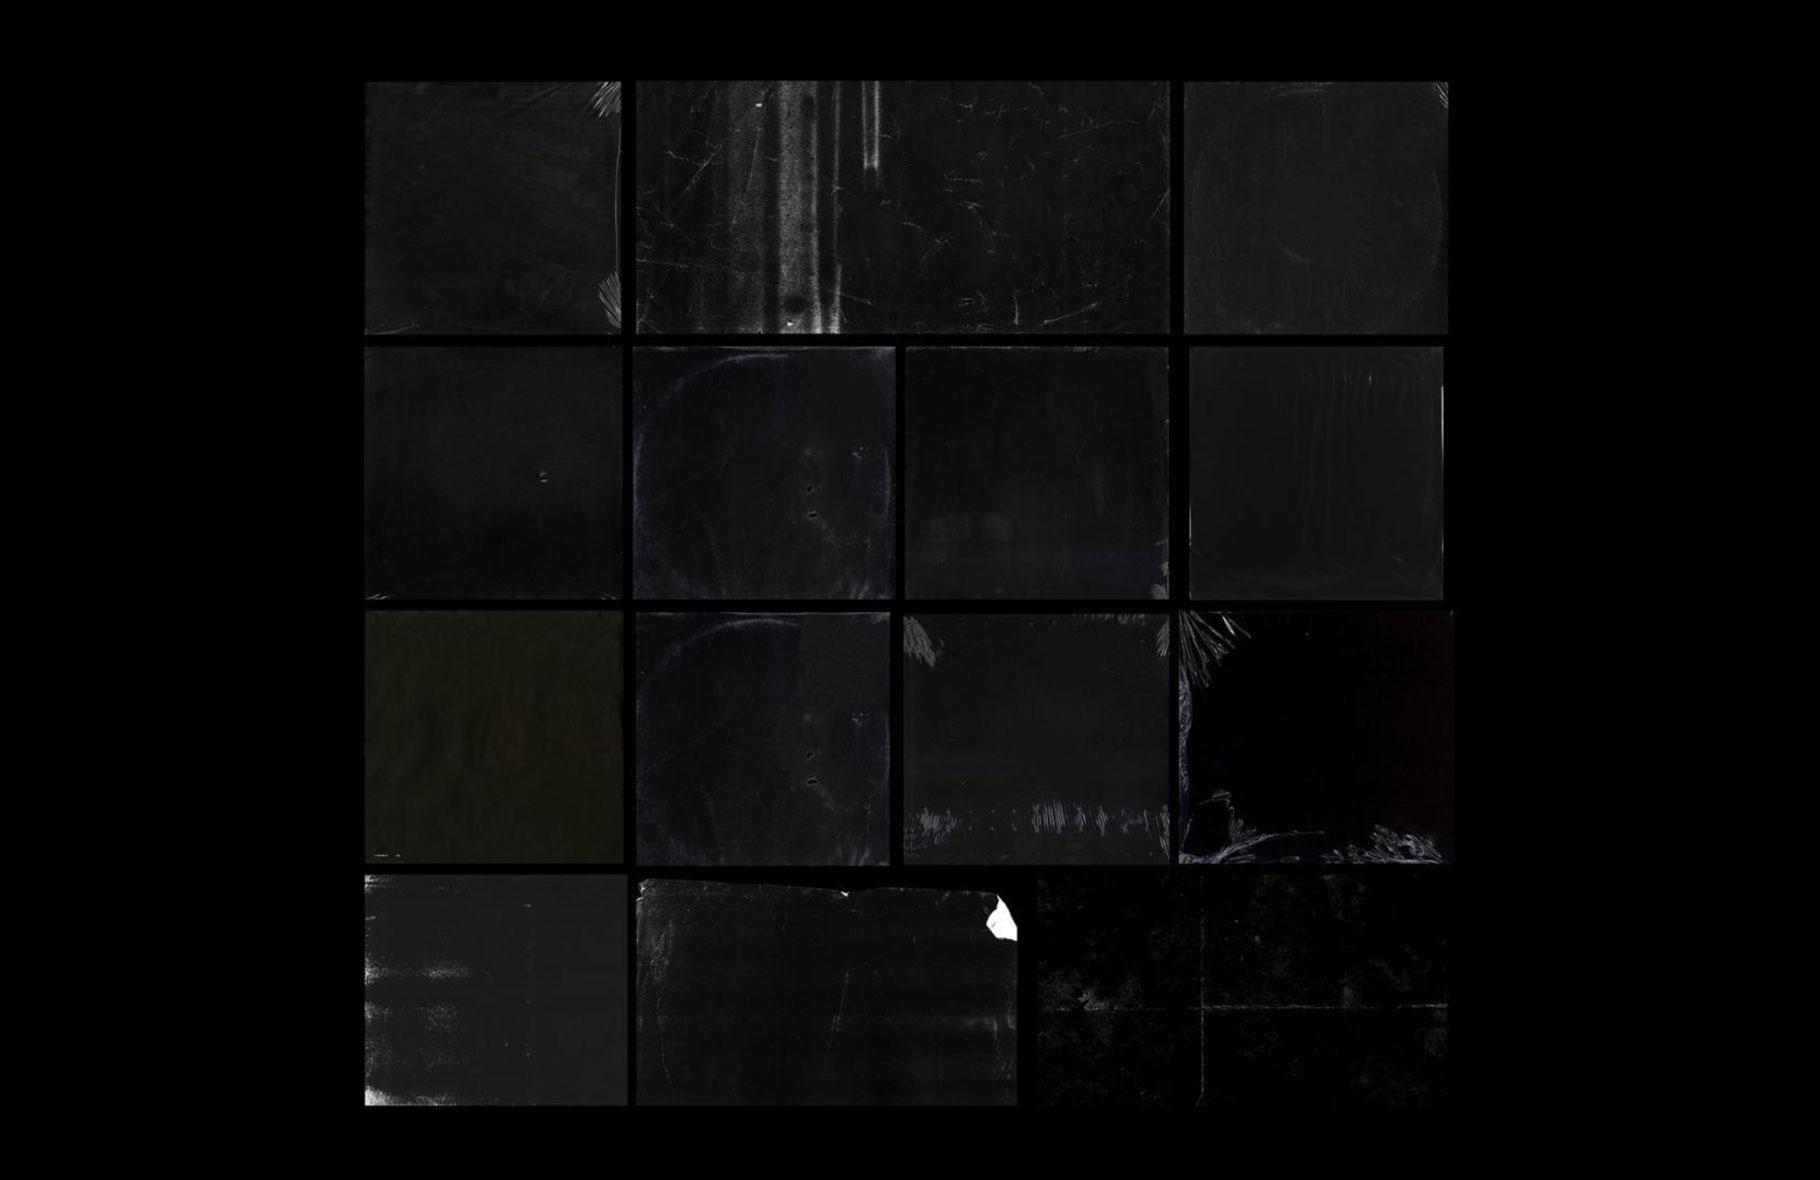 [淘宝购买] 潮流复古做旧全息镭射标签贴纸铝箔纸磁带包装纸盒设计PS素材 Lomka Package © 2019插图(4)